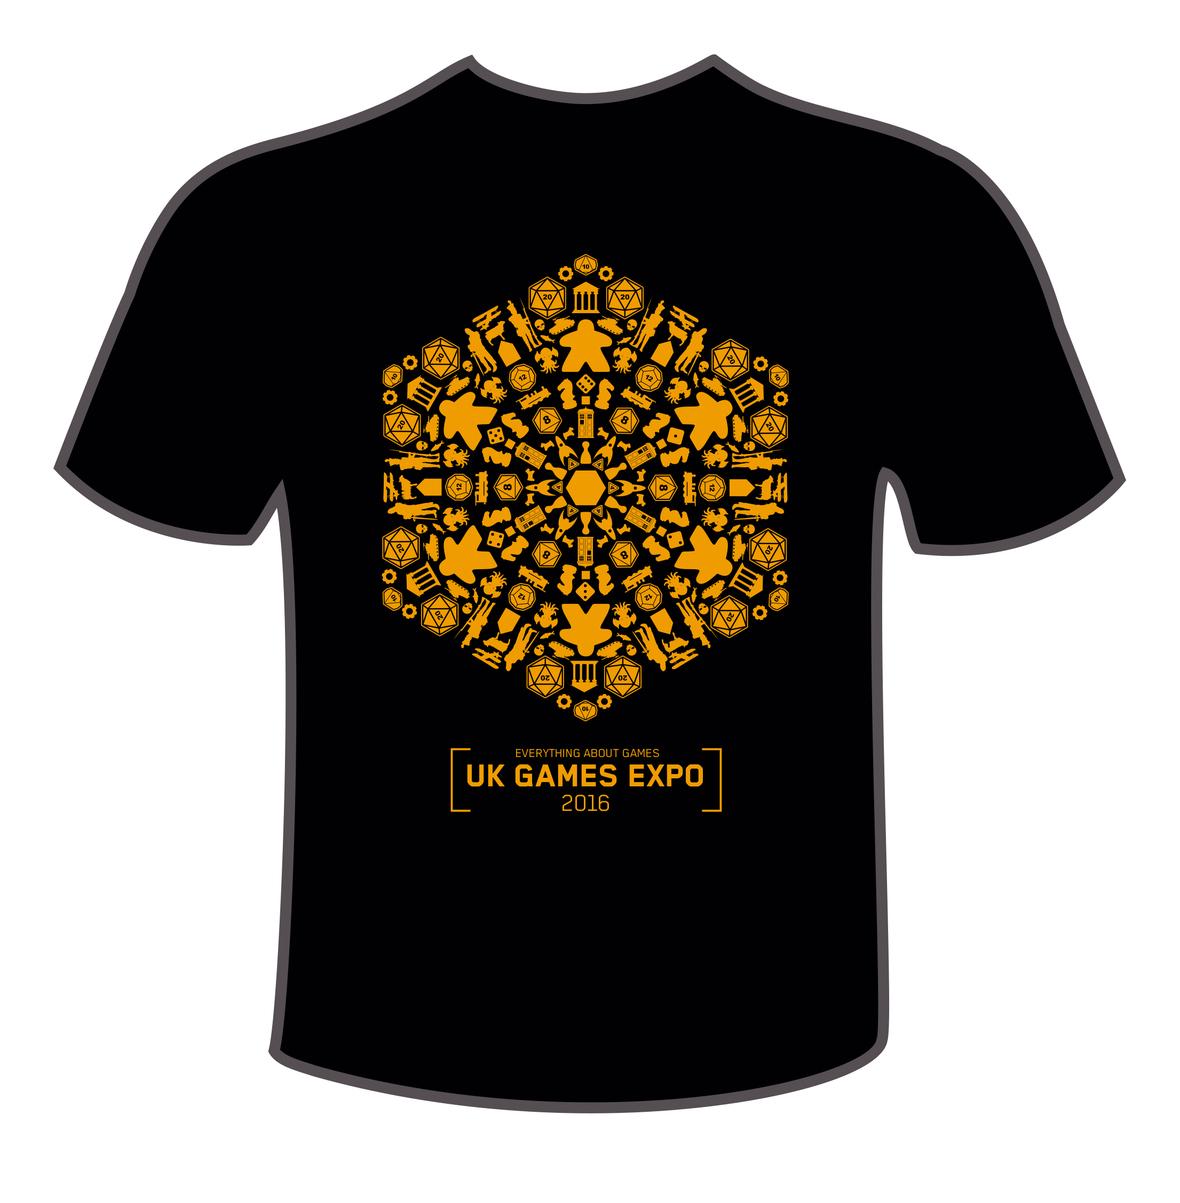 UKGE-16 T-shirt Concept